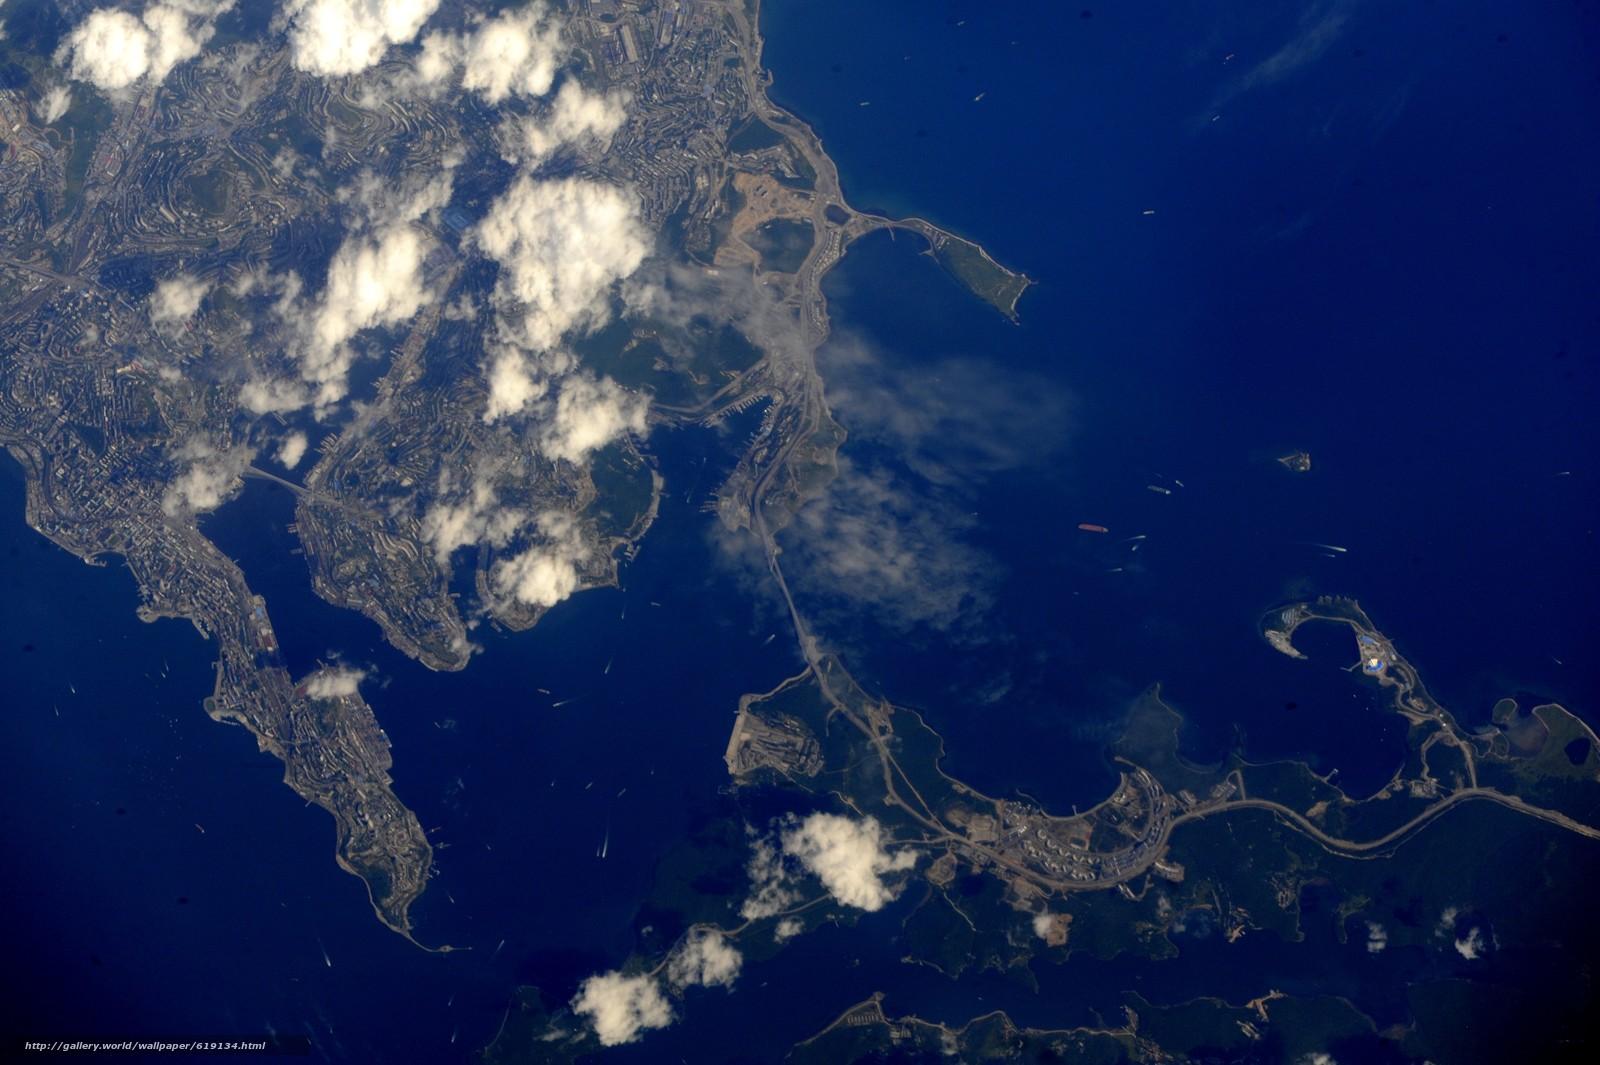 Скачать на телефон обои фото картинку на тему Города, Владивосток, Россия, космос, МКС, разширение 4256x2832